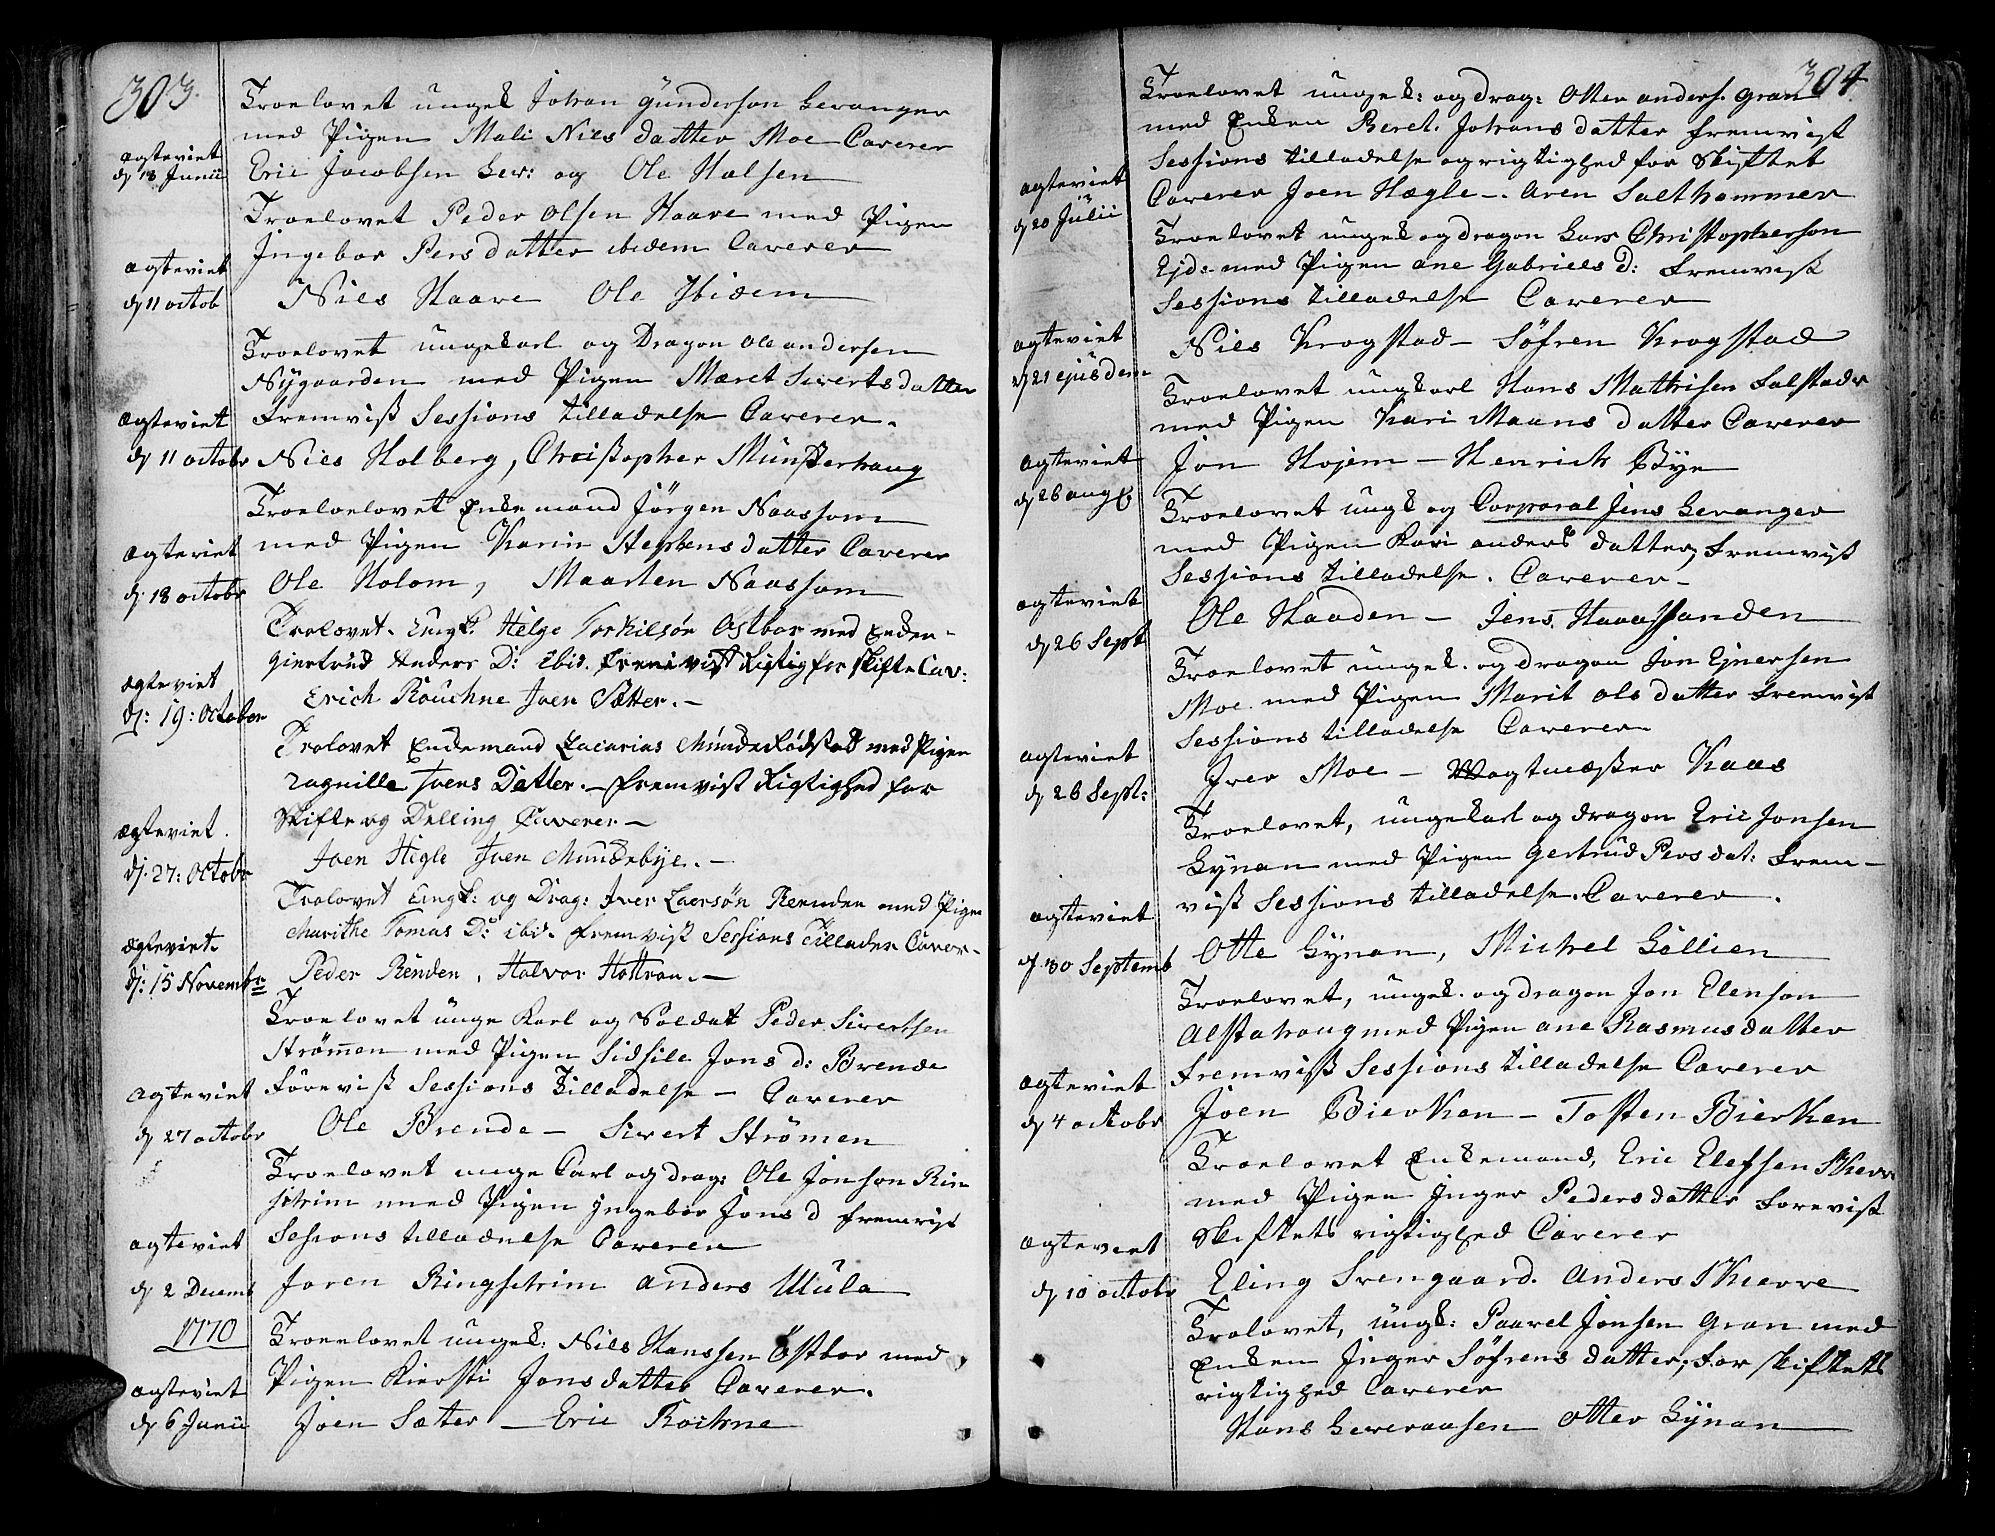 SAT, Ministerialprotokoller, klokkerbøker og fødselsregistre - Nord-Trøndelag, 717/L0141: Ministerialbok nr. 717A01, 1747-1803, s. 303-304